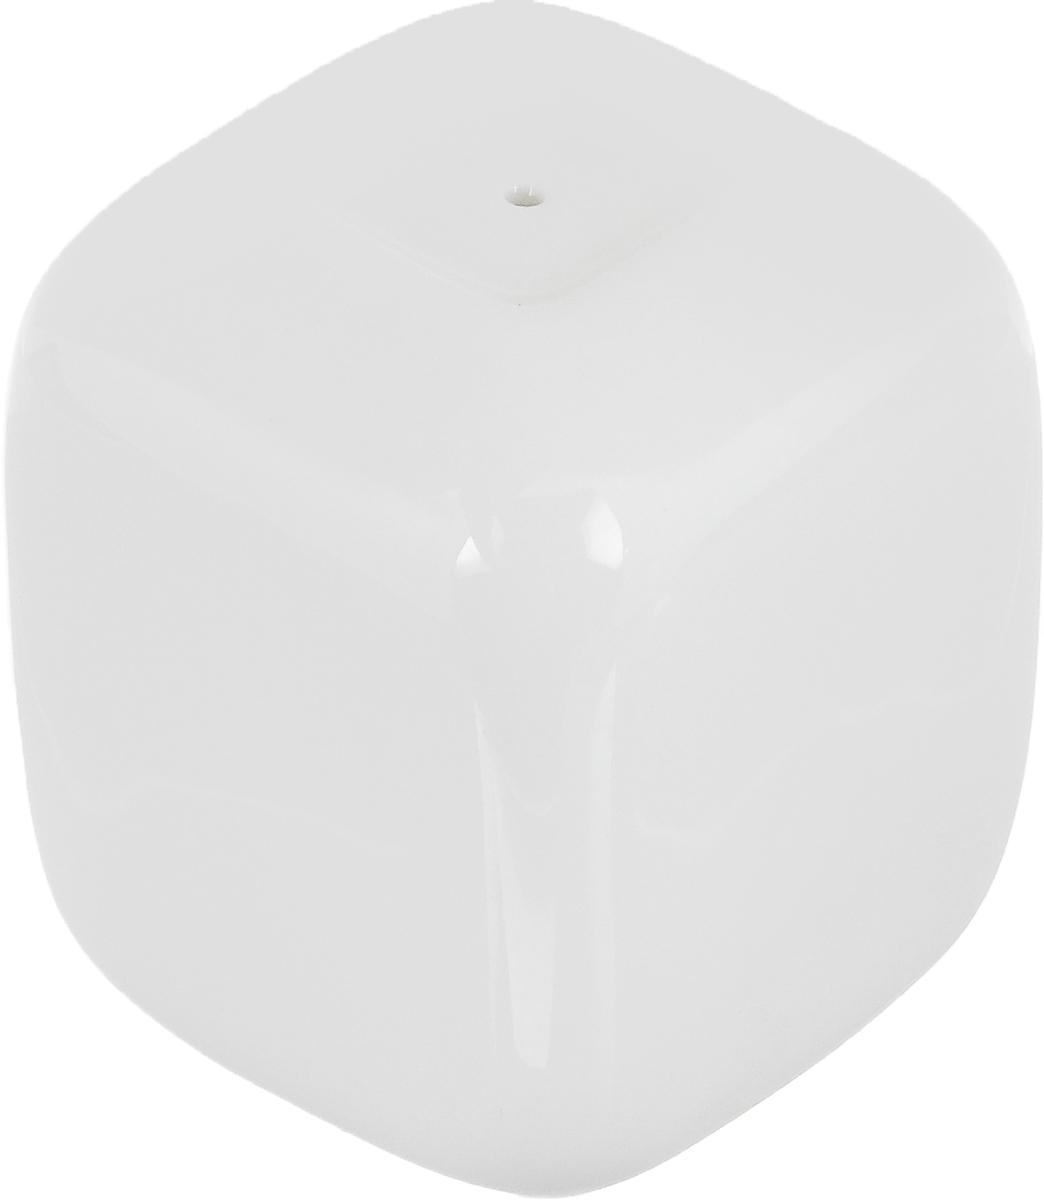 Перечница Ariane Vital Square, 4,5 х 4,5 х 5,5 смAVSARN72002Перечница Ariane Vital Square изготовлена из высококачественного фарфора белого цвета. Перечница имеет одно отверстие для высыпания специй, на дне - отверстие, позволяющее наполнить емкость, снабженное силиконовой вставкой. Такая перечница украсит сервировку вашего стола и подчеркнет прекрасный вкус хозяина, а также станет отличным подарком. Можно мыть в посудомоечной машине.